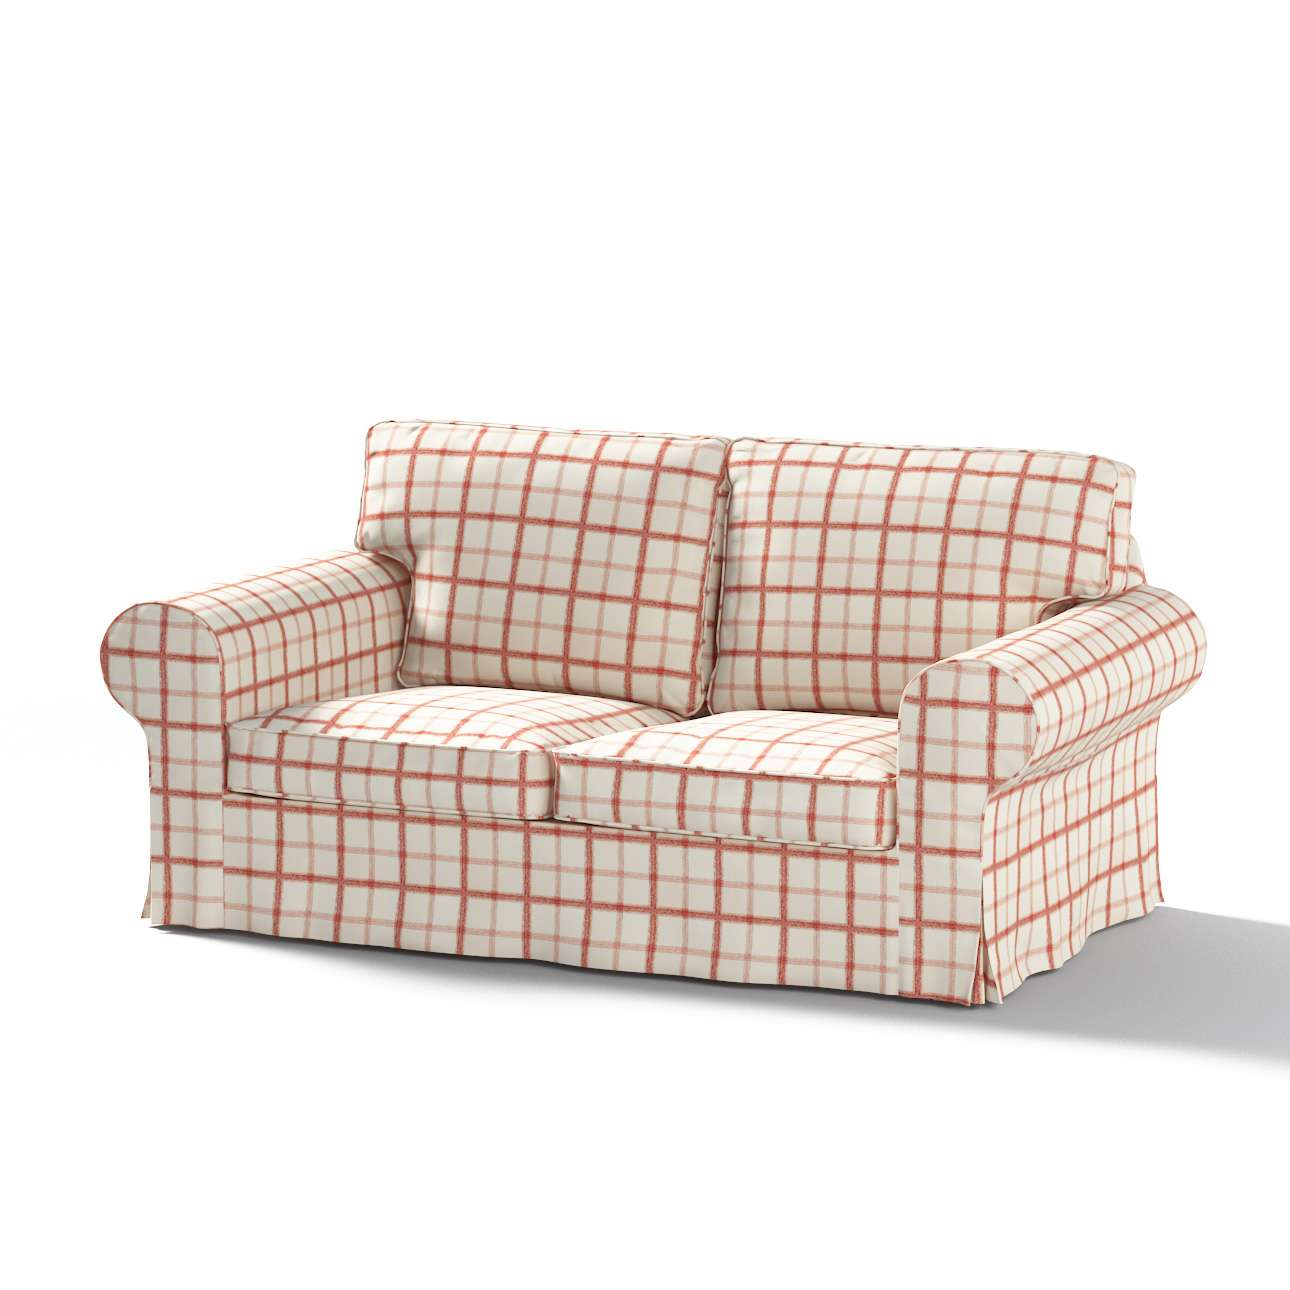 Pokrowiec na sofę Ektorp 2-osobową, rozkładaną STARY MODEL Sofa Ektorp 2-osobowa rozkładana w kolekcji Avinon, tkanina: 131-15